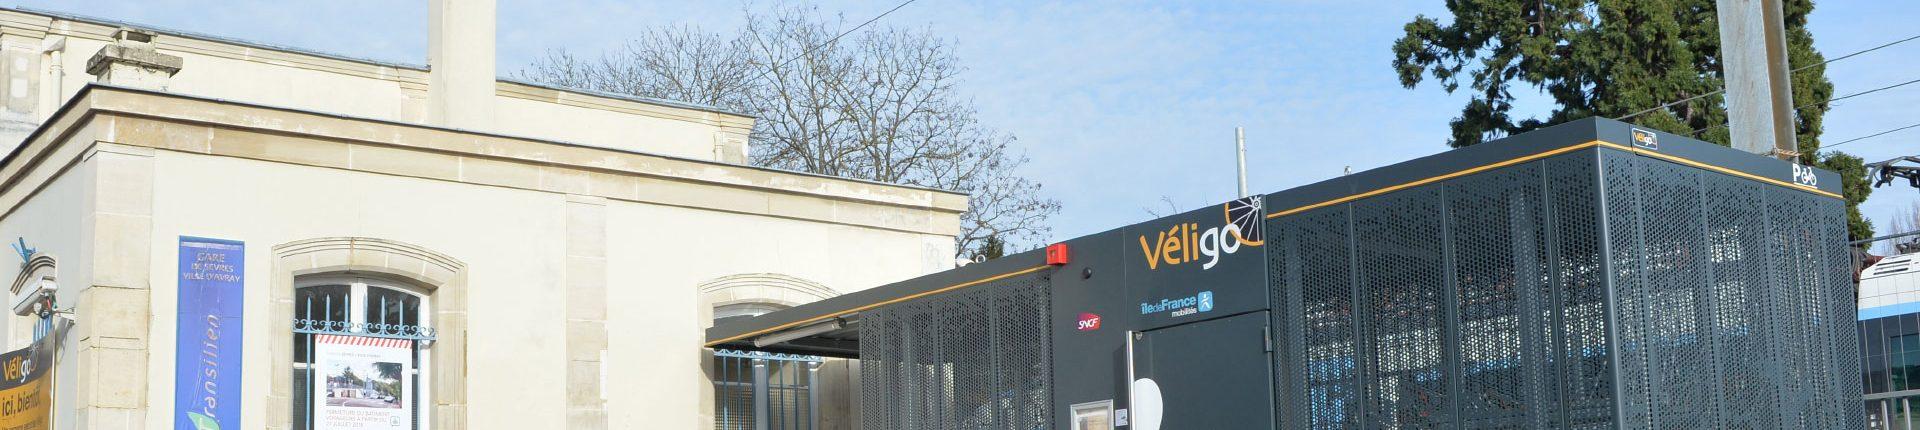 Un abri Véligo gare de Sèvres-Ville-d'Avray